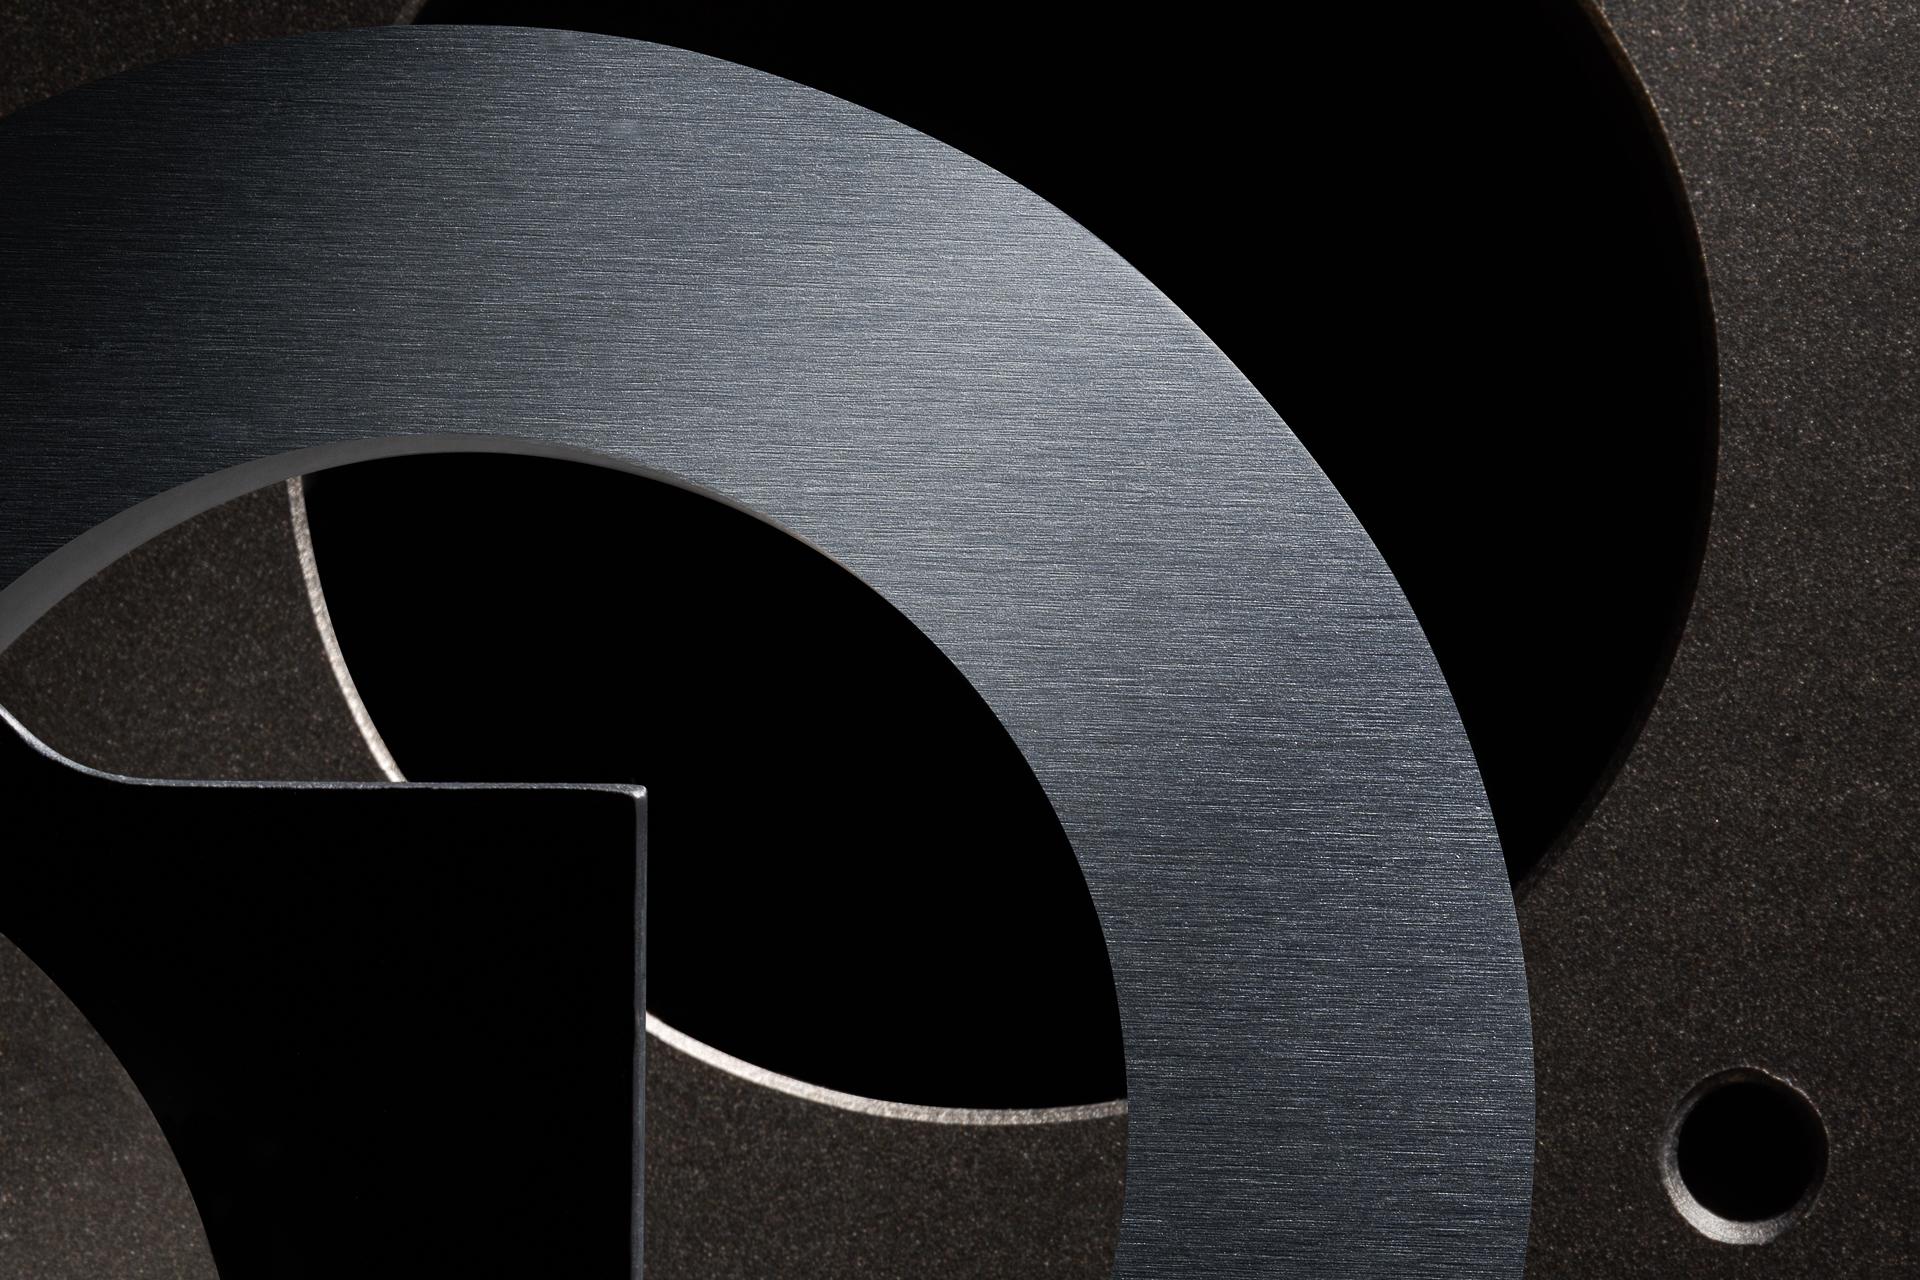 Fotografo dei metalli stilli life alluminio